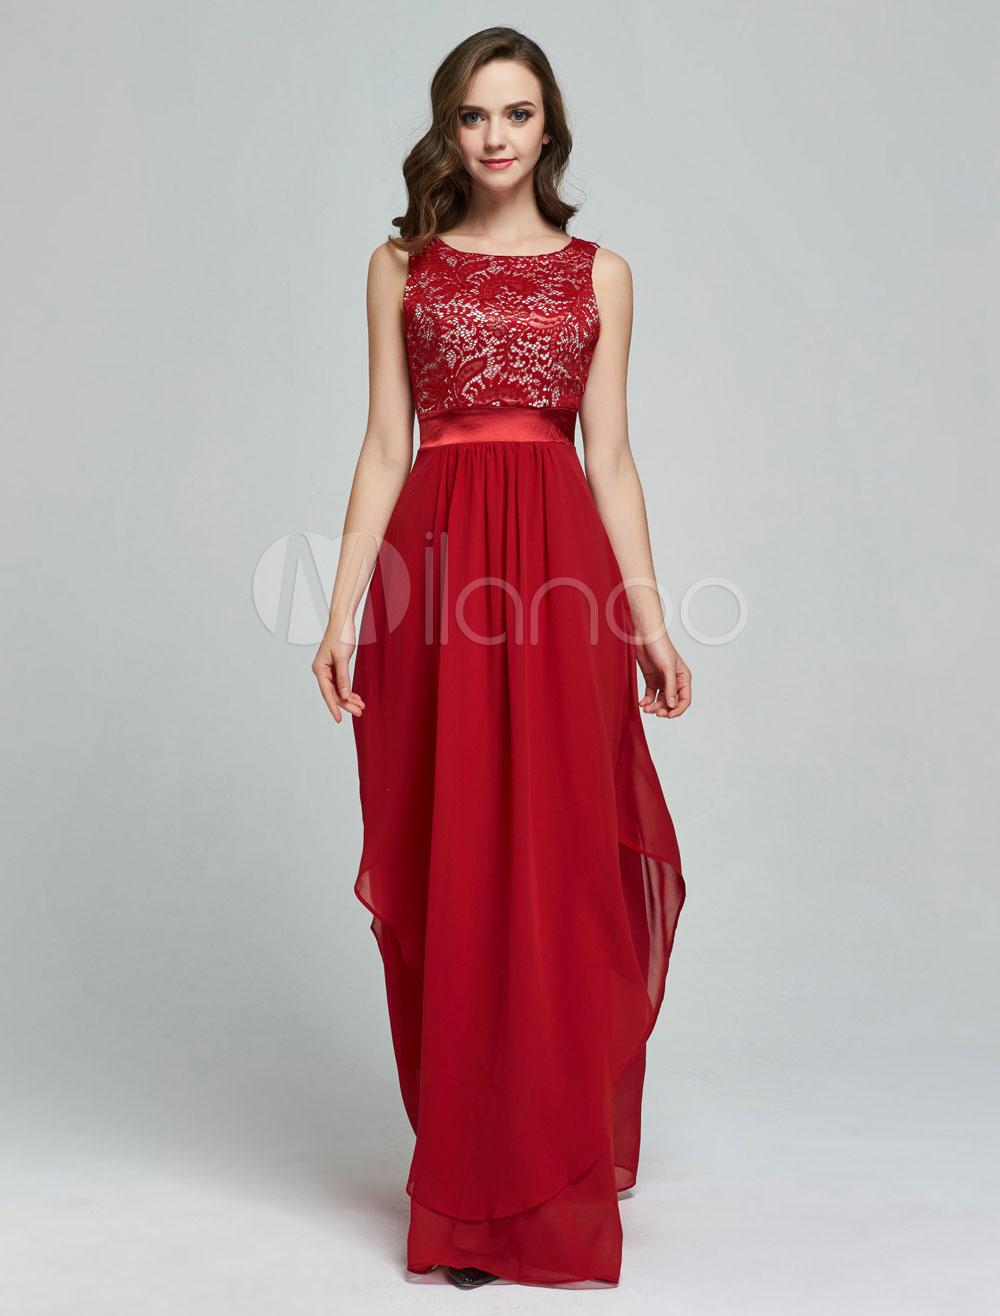 maxikleid ärmellos sommerkleider lang rot damenmode mit rundkragen und  jacquardmustern für sommer maxi kleid und ball chiffon kleider